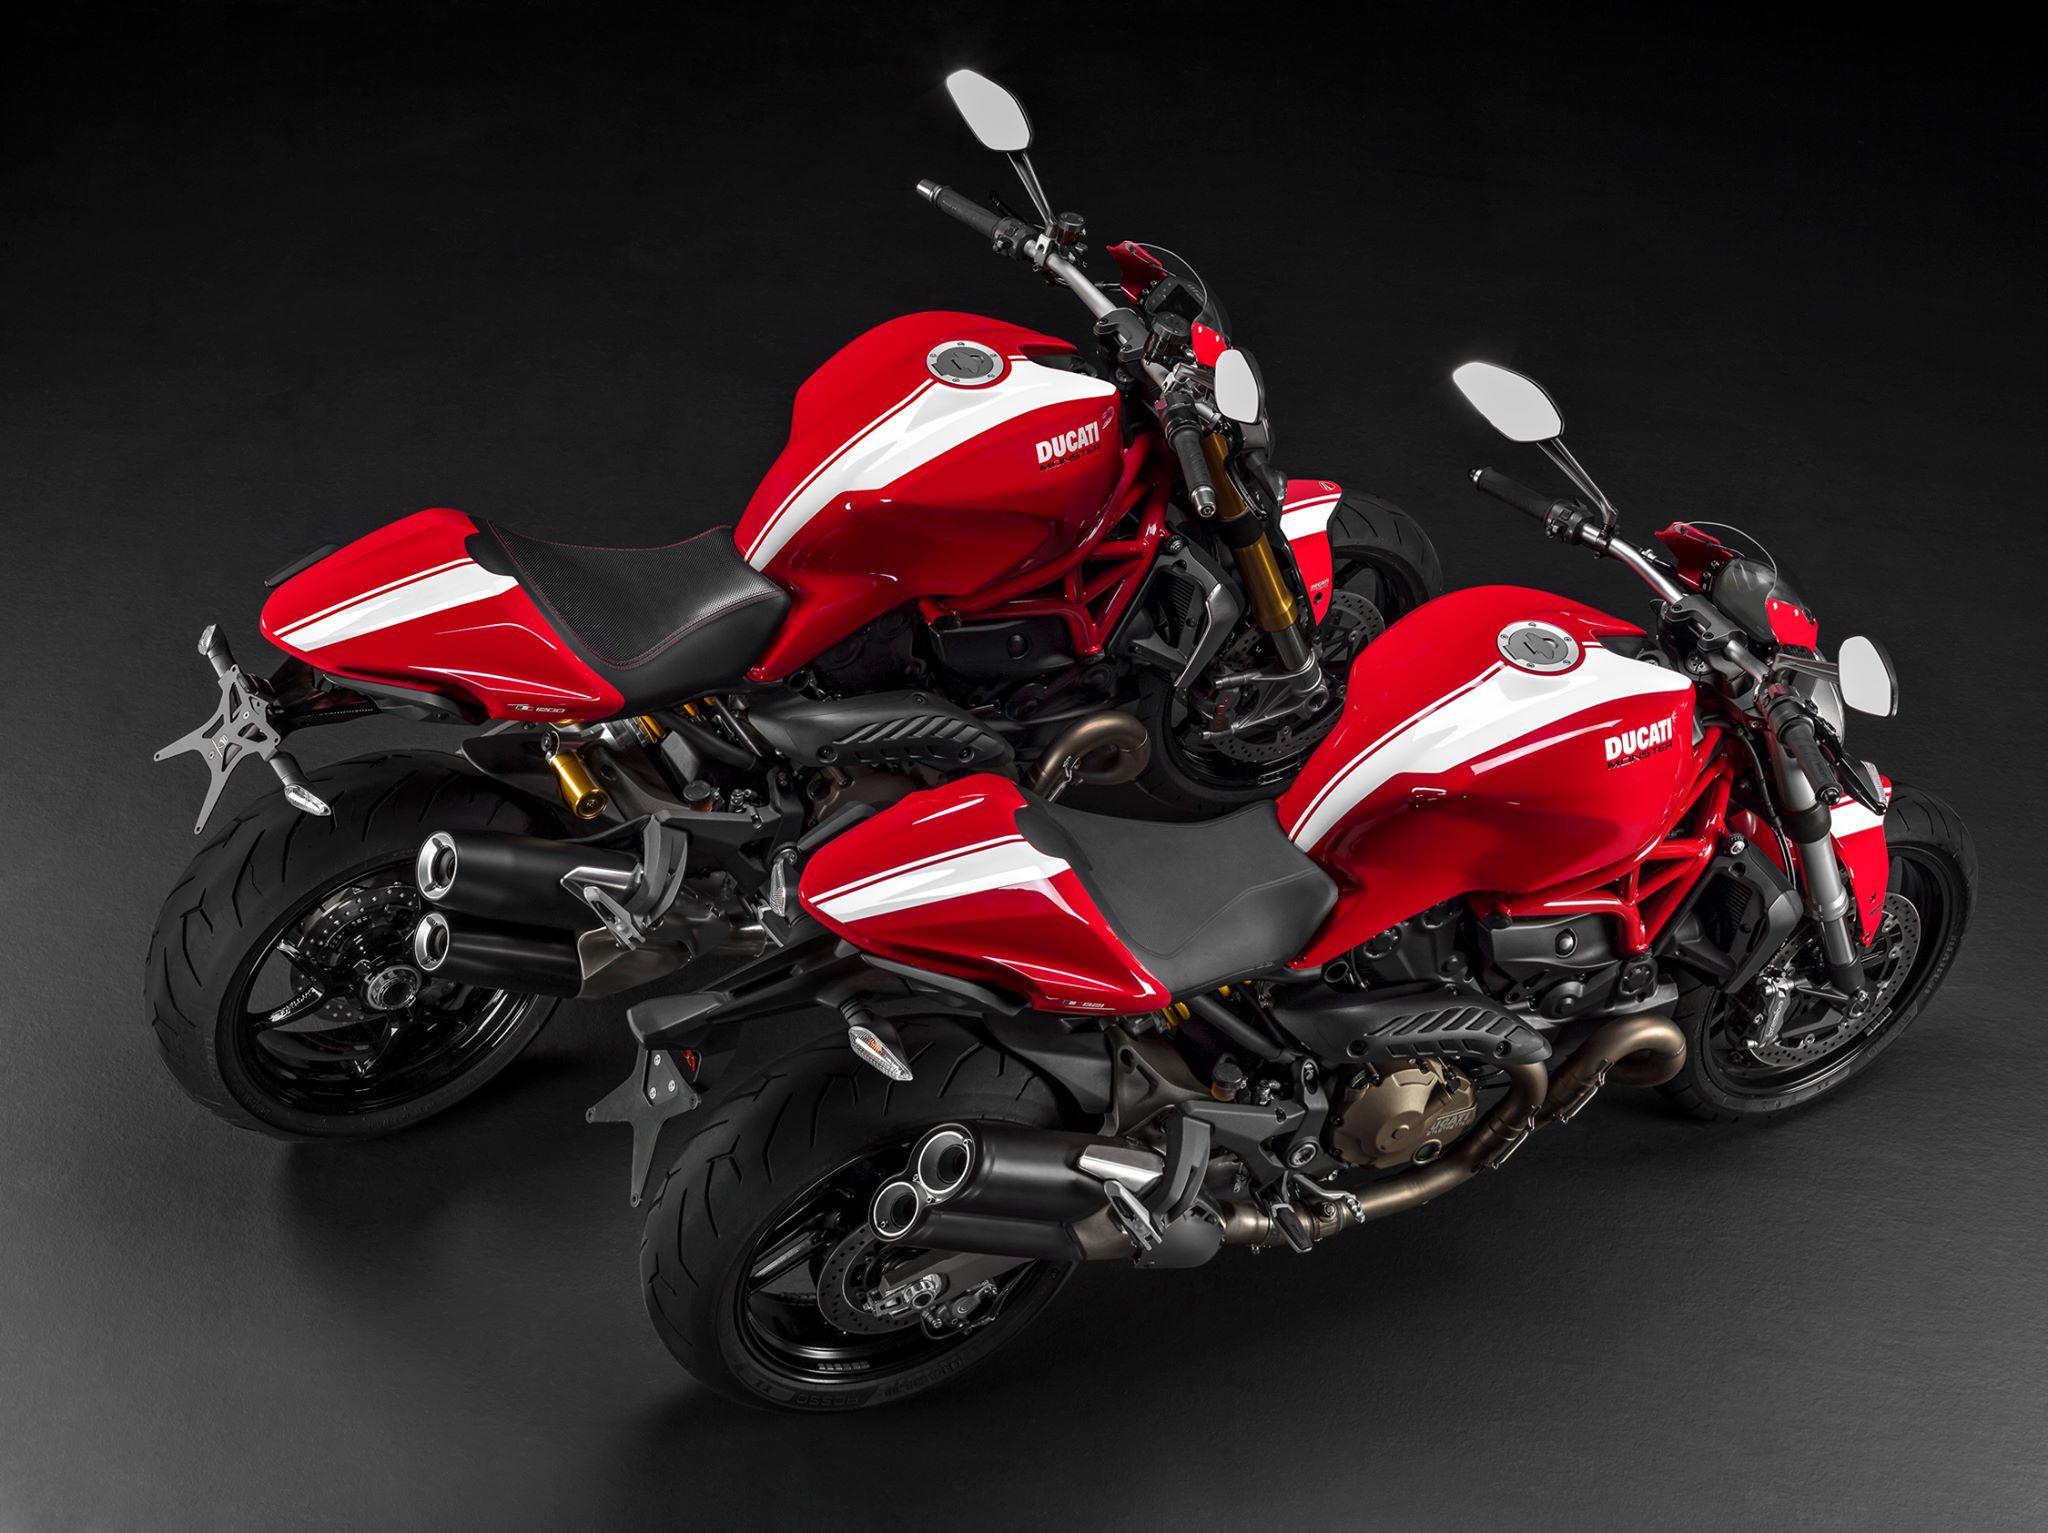 New Ducati Monster 821 1200 Stripe 2015